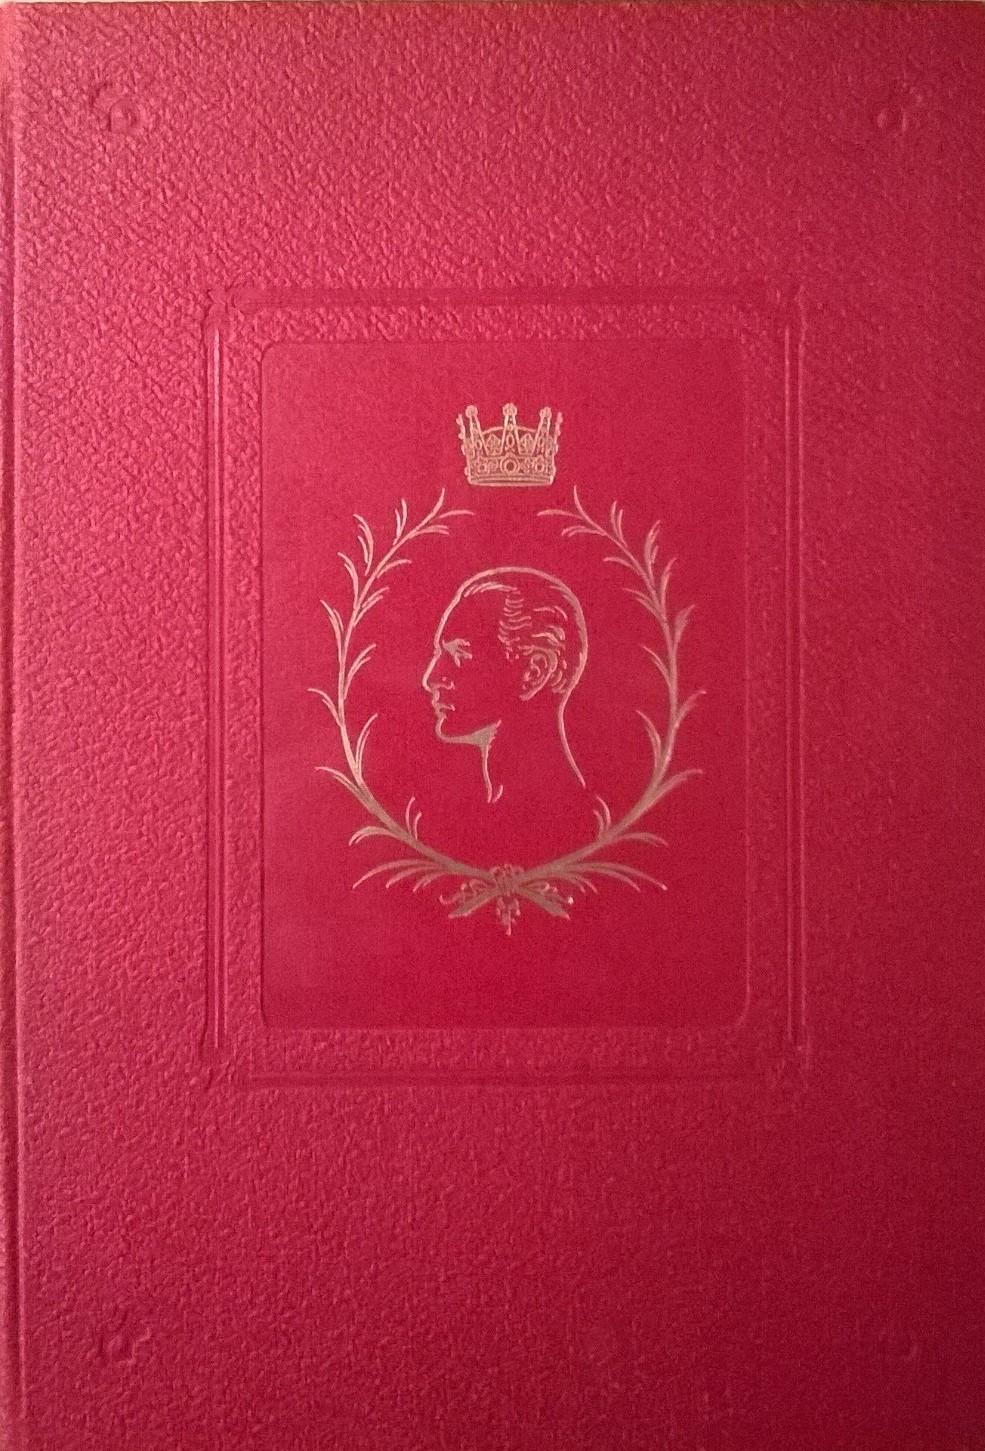 Halling, Sigurd (red.) Olav: Norges kronprins: Festskrift i anledning av H. K. H. kronprins Olavs bryllup: Oslo 21. mars 1929